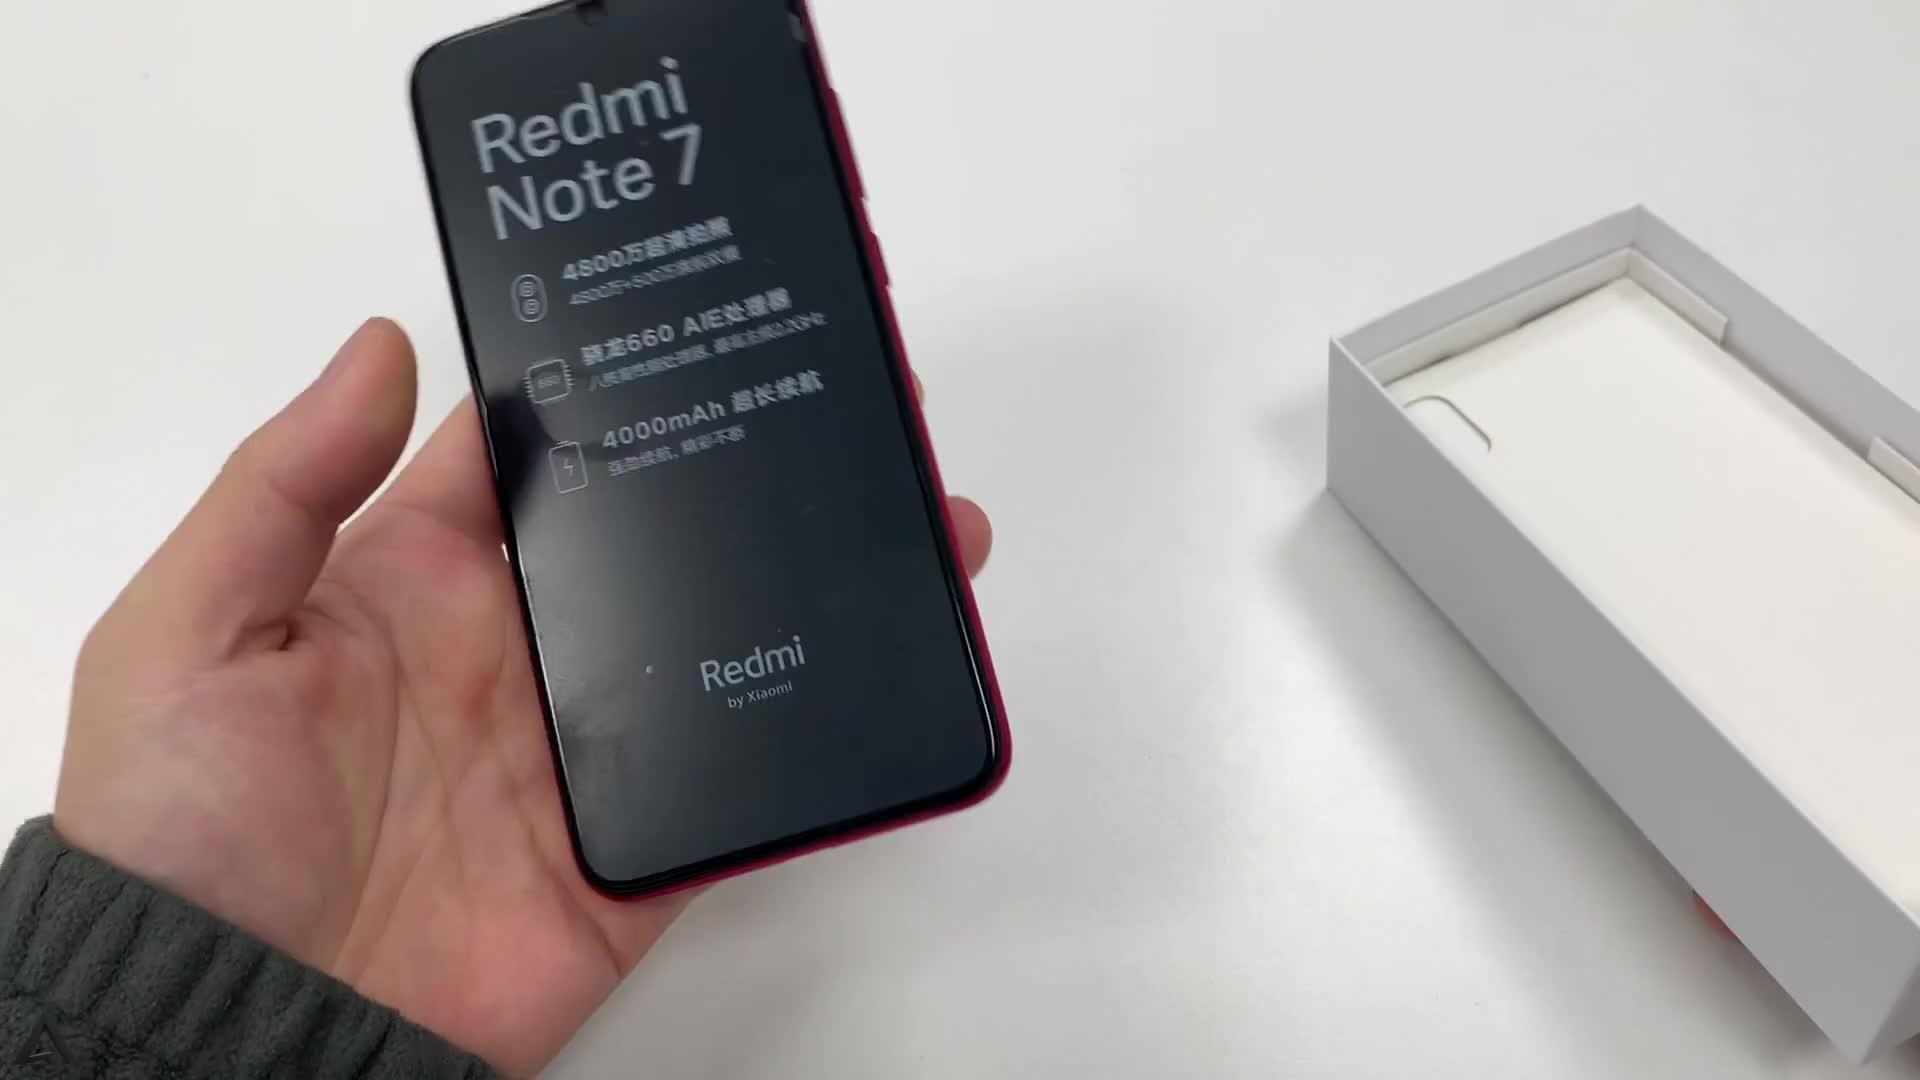 红米Note7开箱真机确实被惊艳到了,999元真的服气